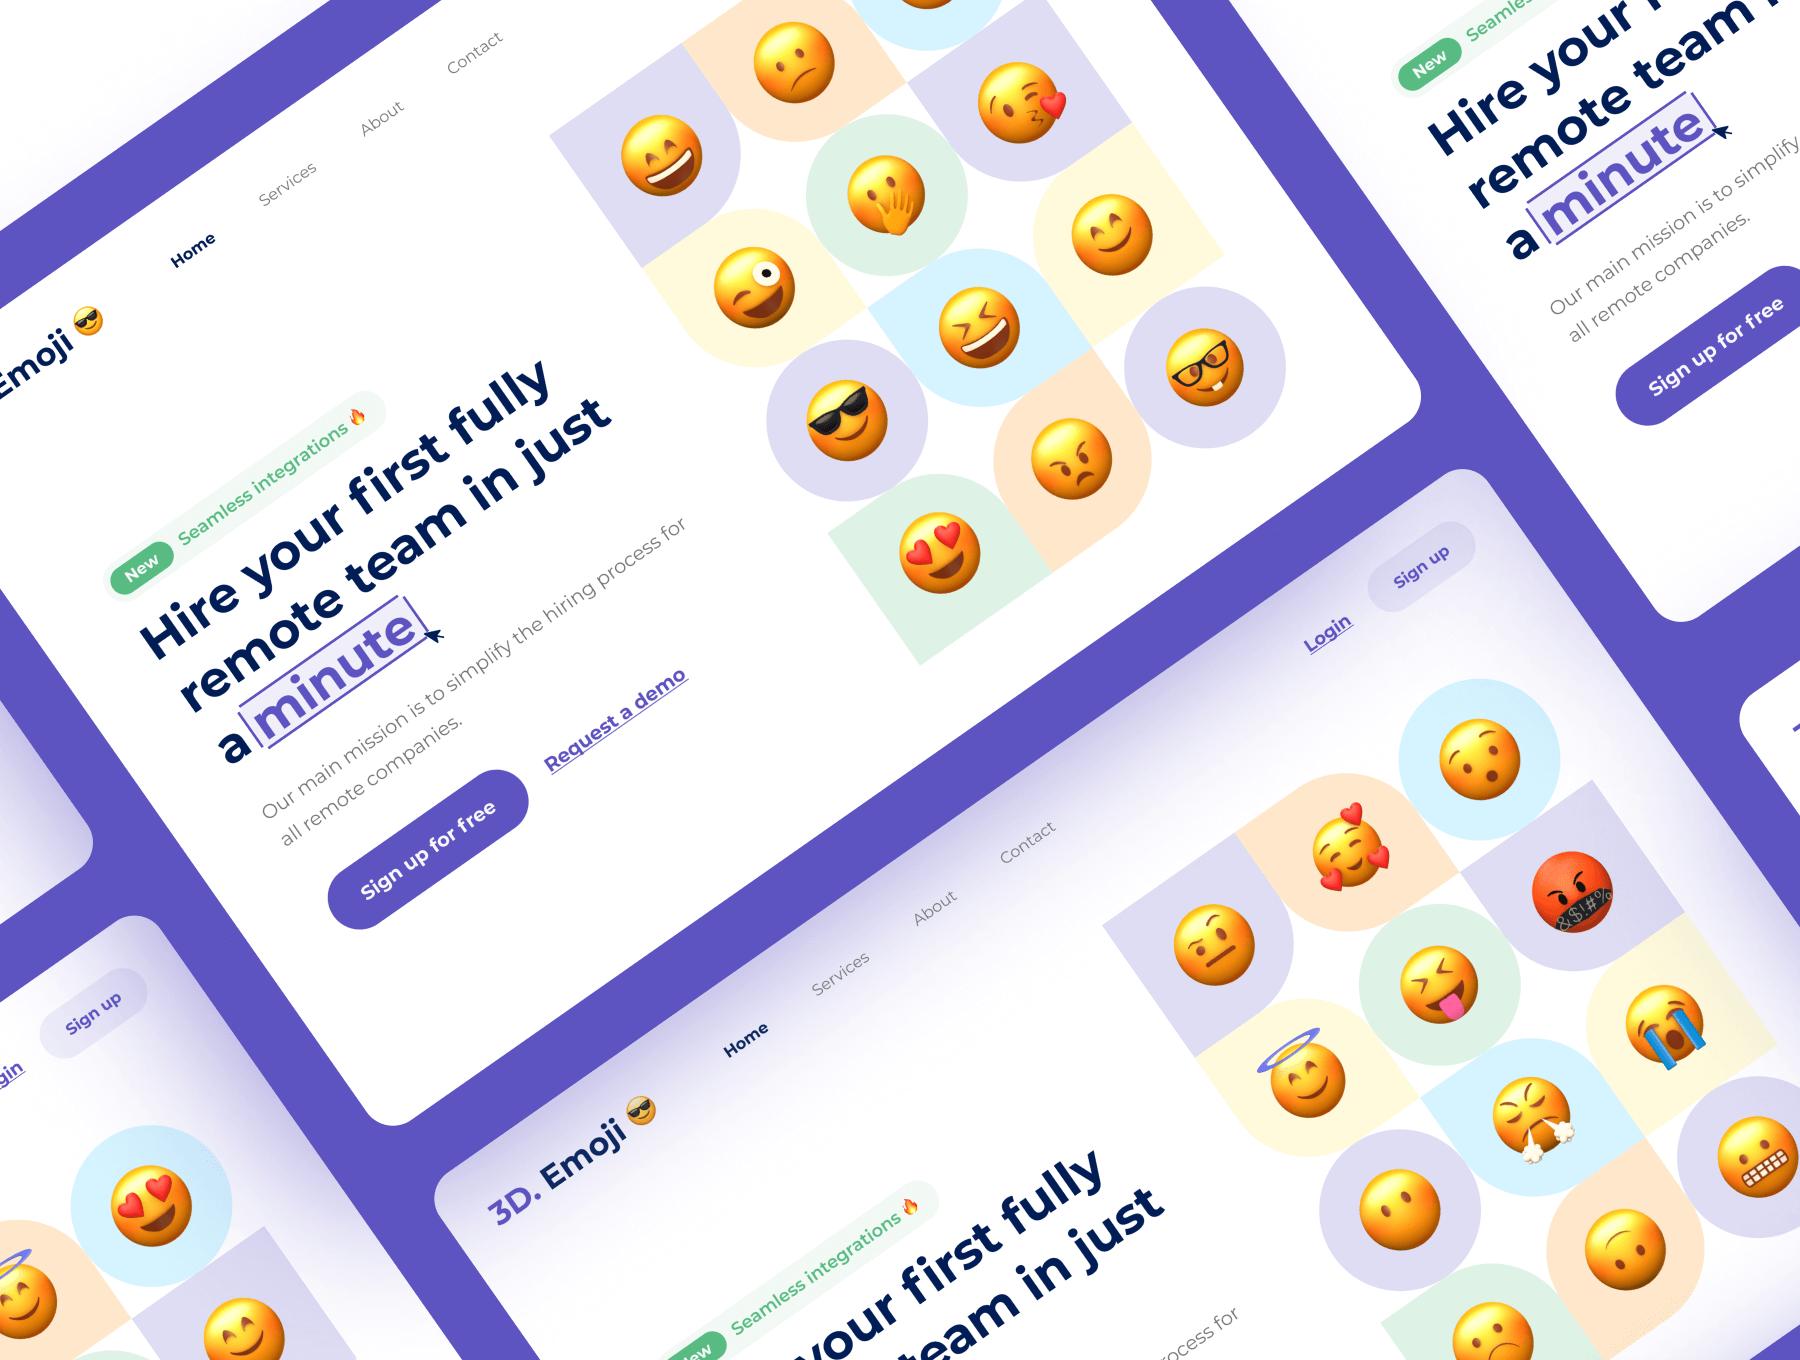 70个非常精致的Emoji表情包3D模型C4D模型表情包素材